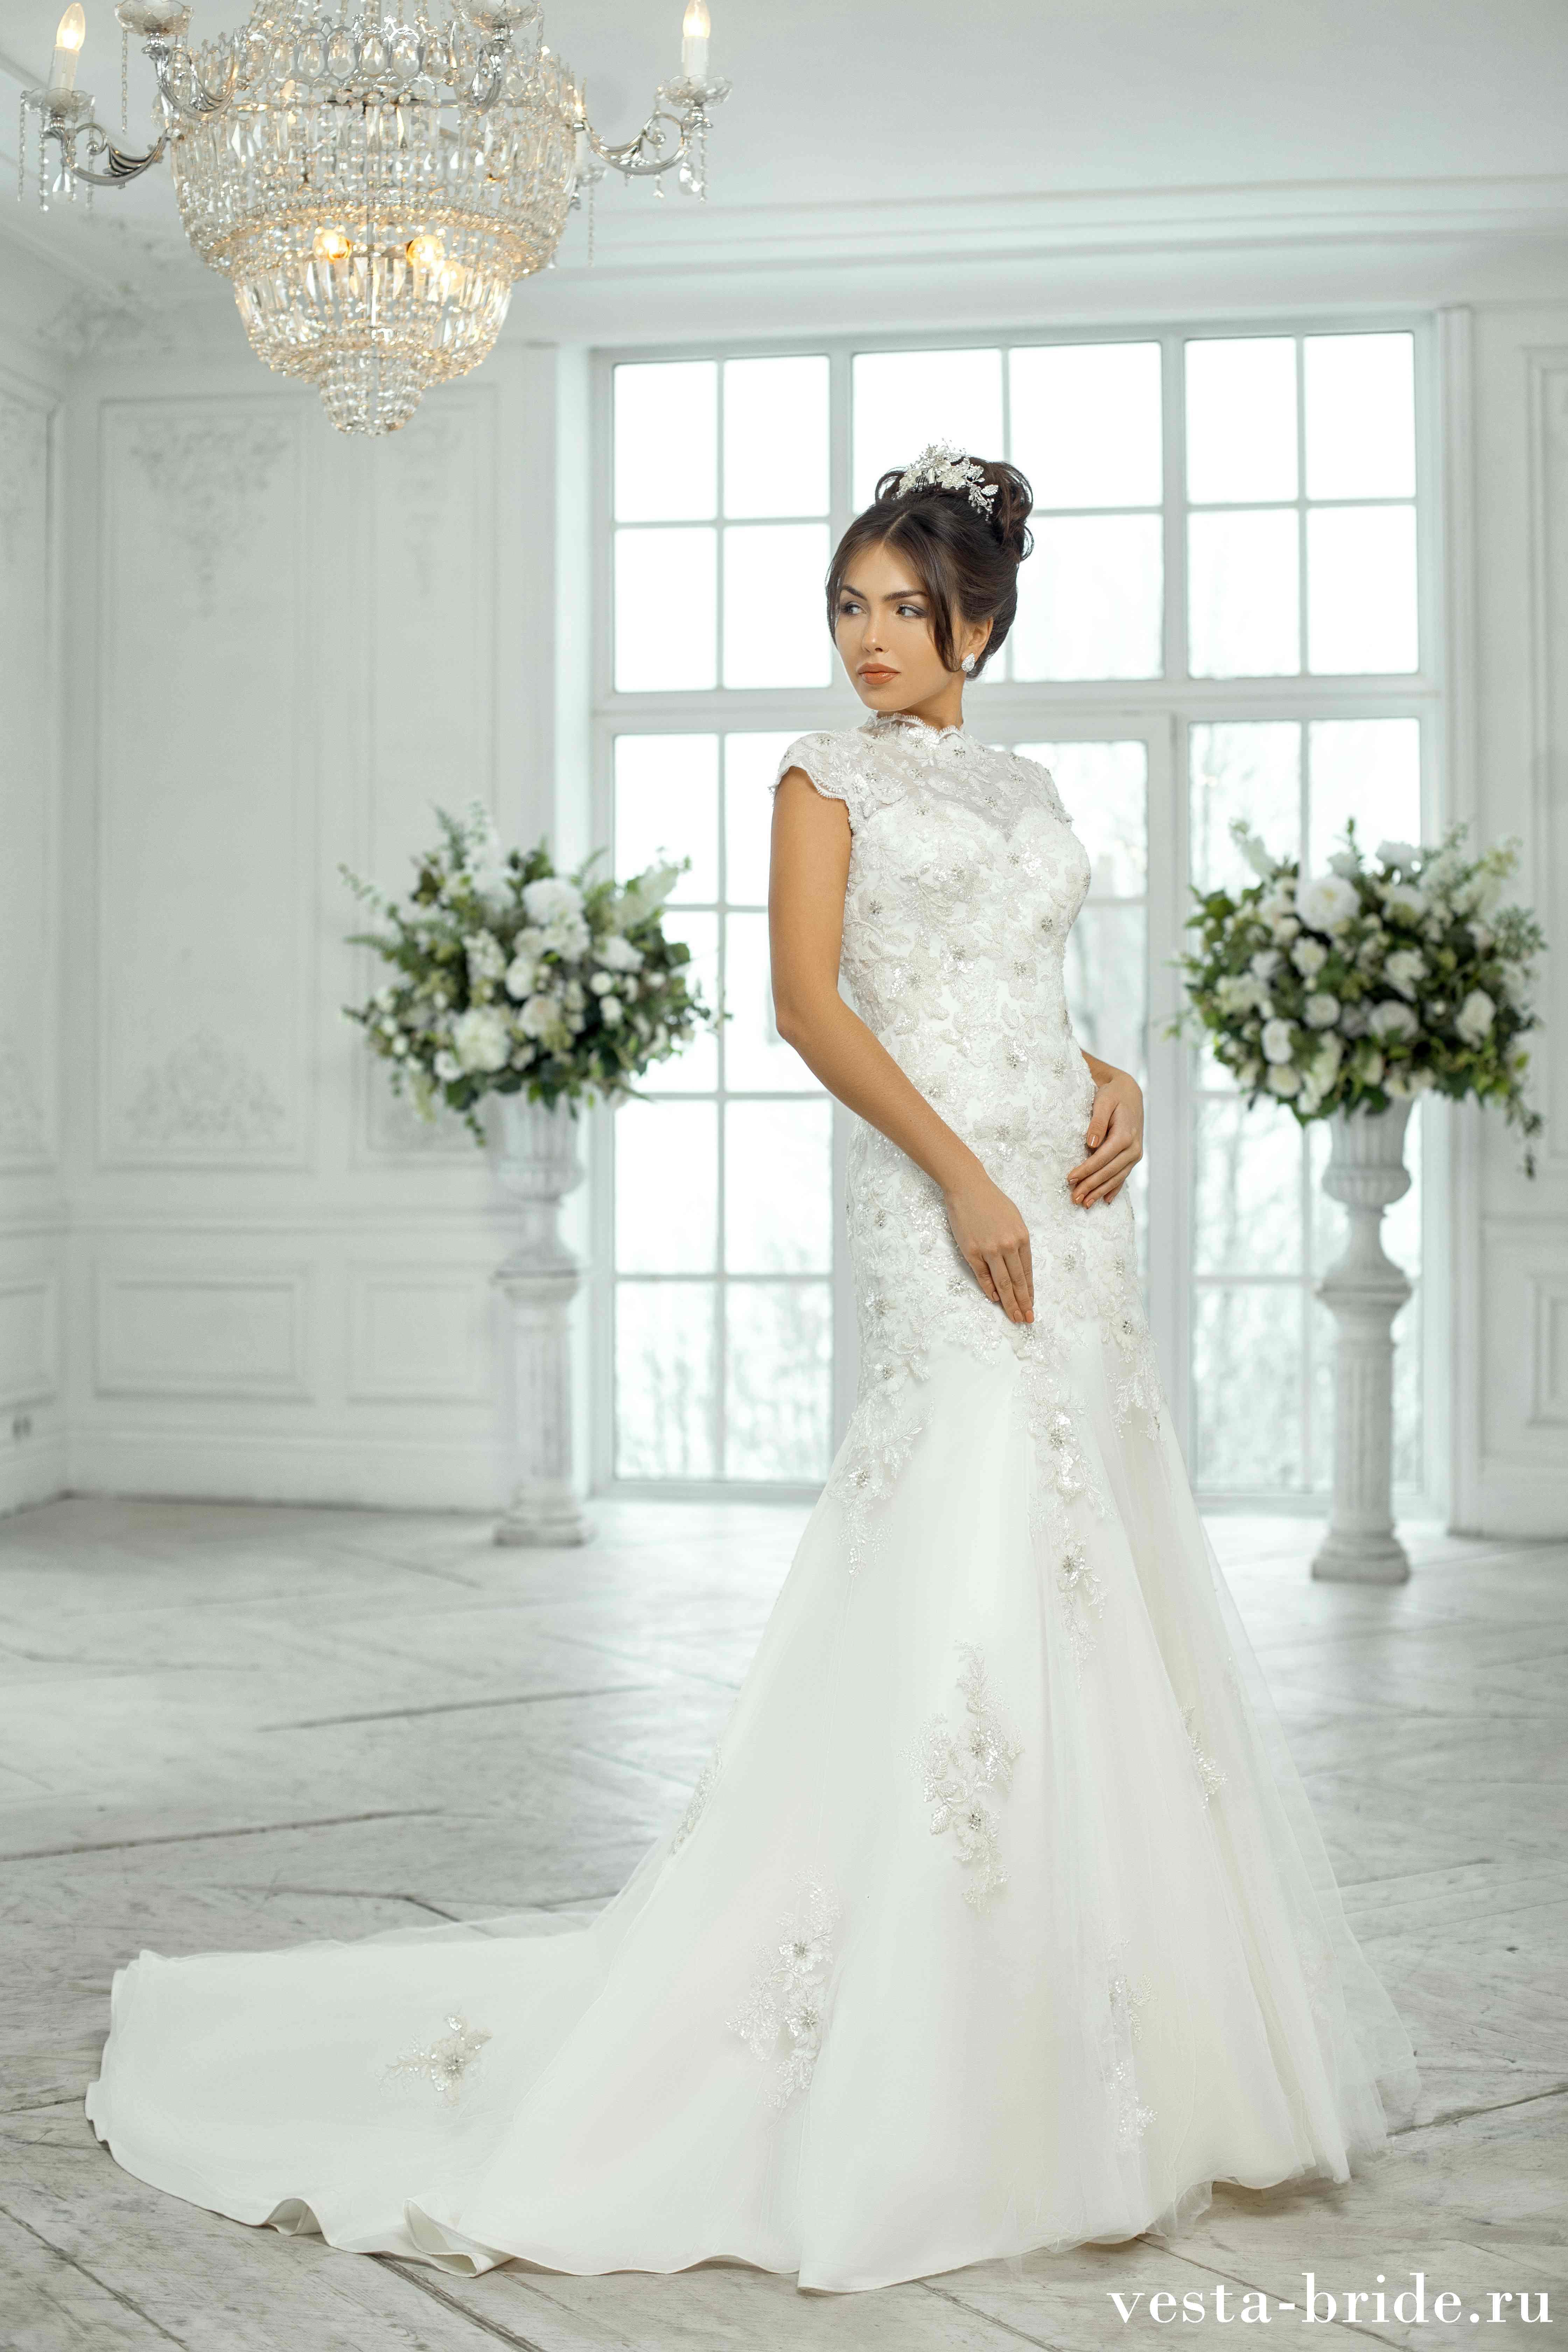 118dc9e3722 Кружевное свадебное платье Гортензия  новинки и лучшие модели ...